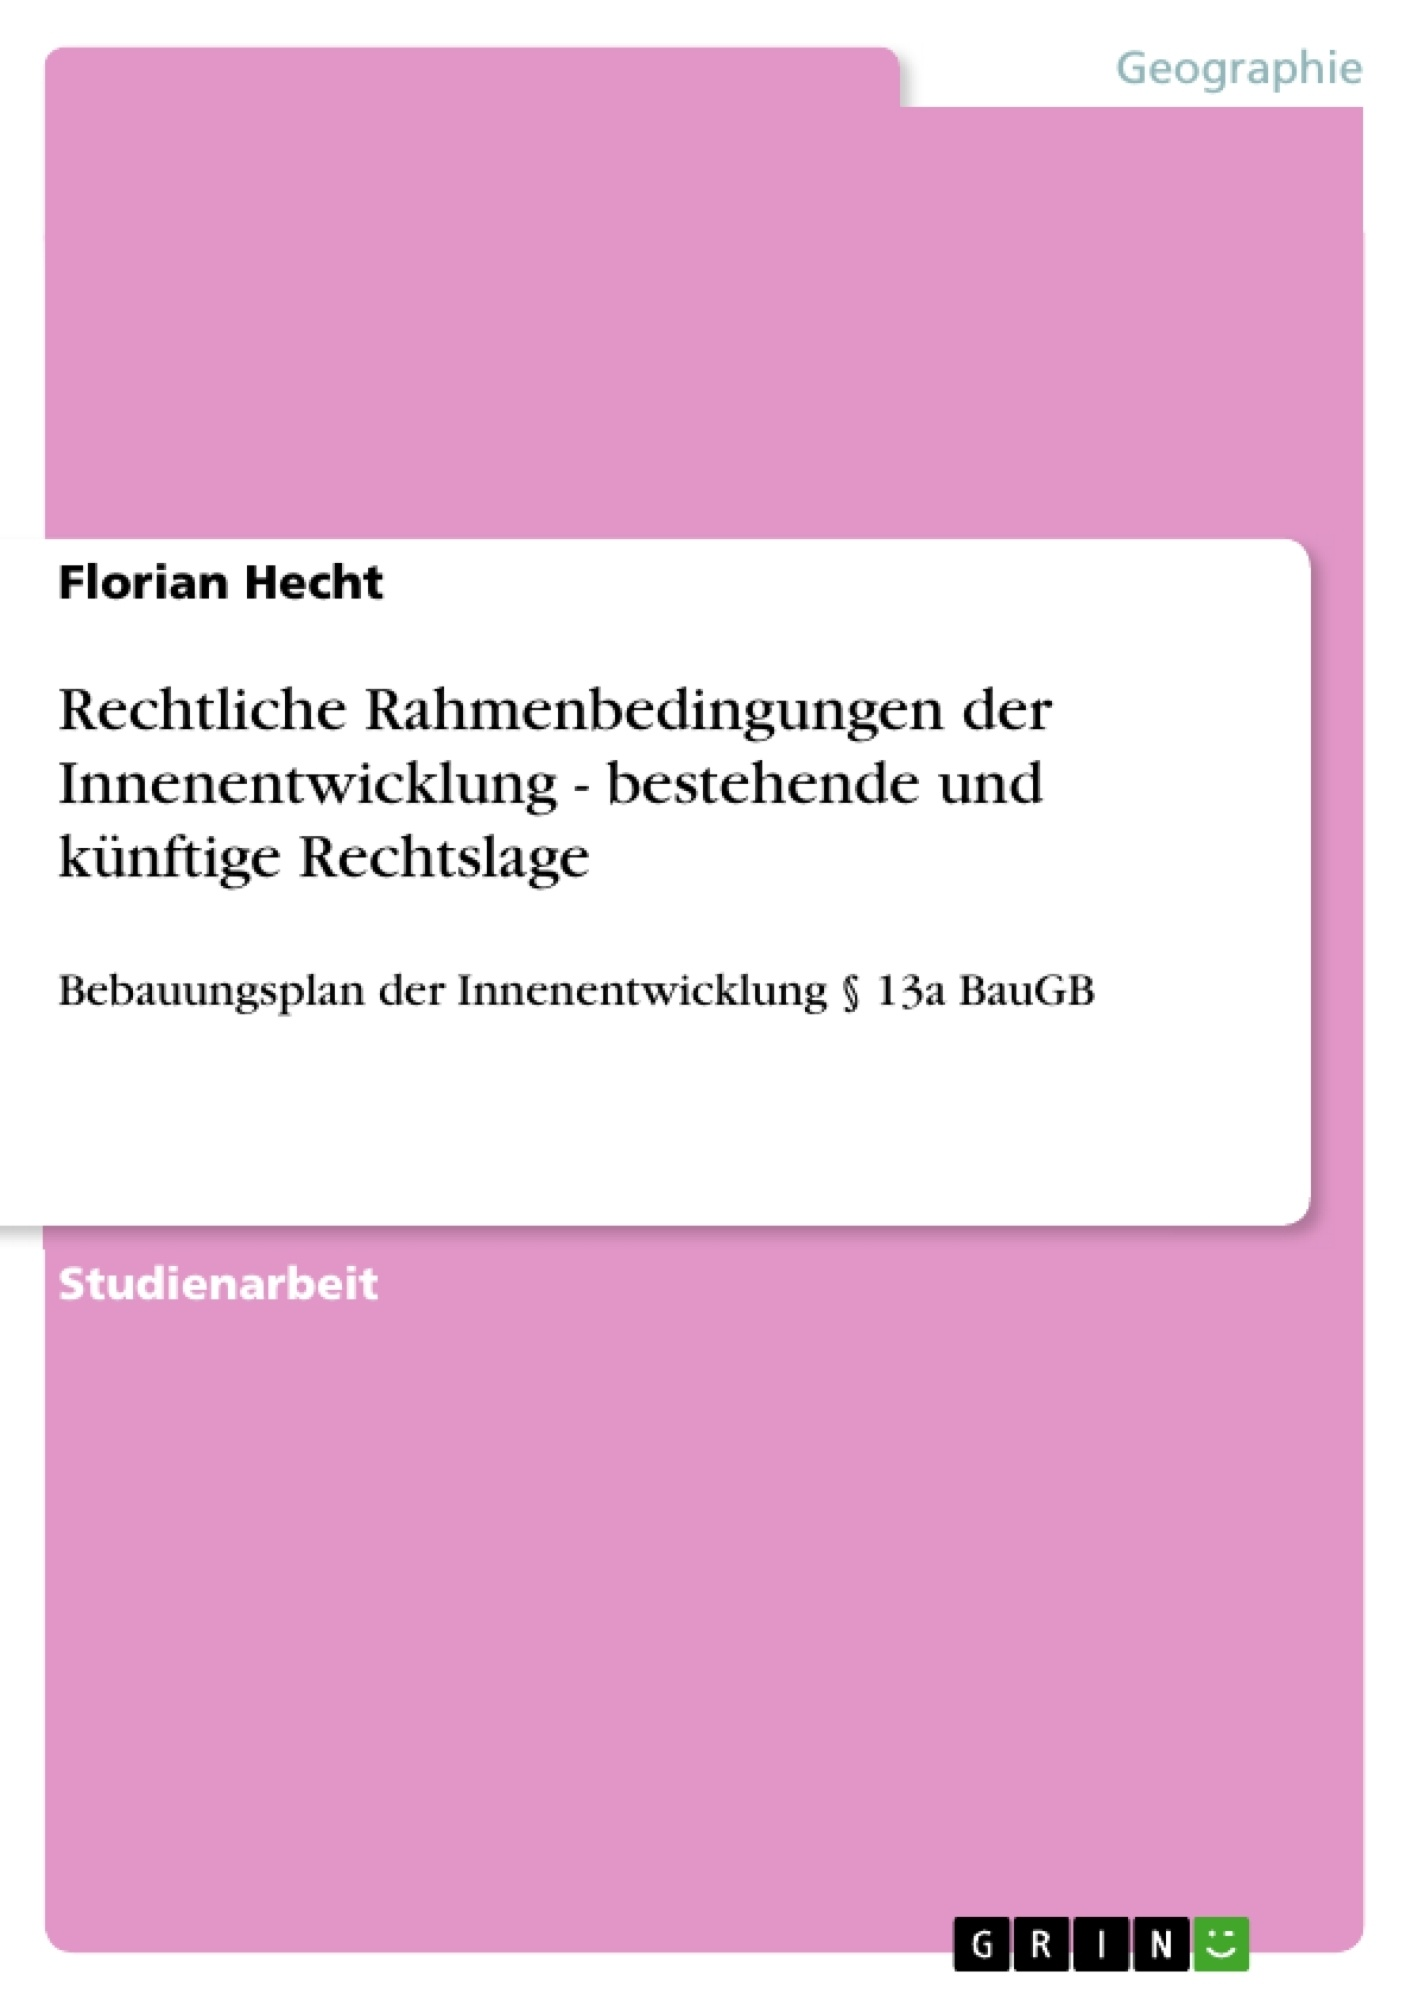 Titel: Rechtliche Rahmenbedingungen der Innenentwicklung - bestehende und künftige Rechtslage